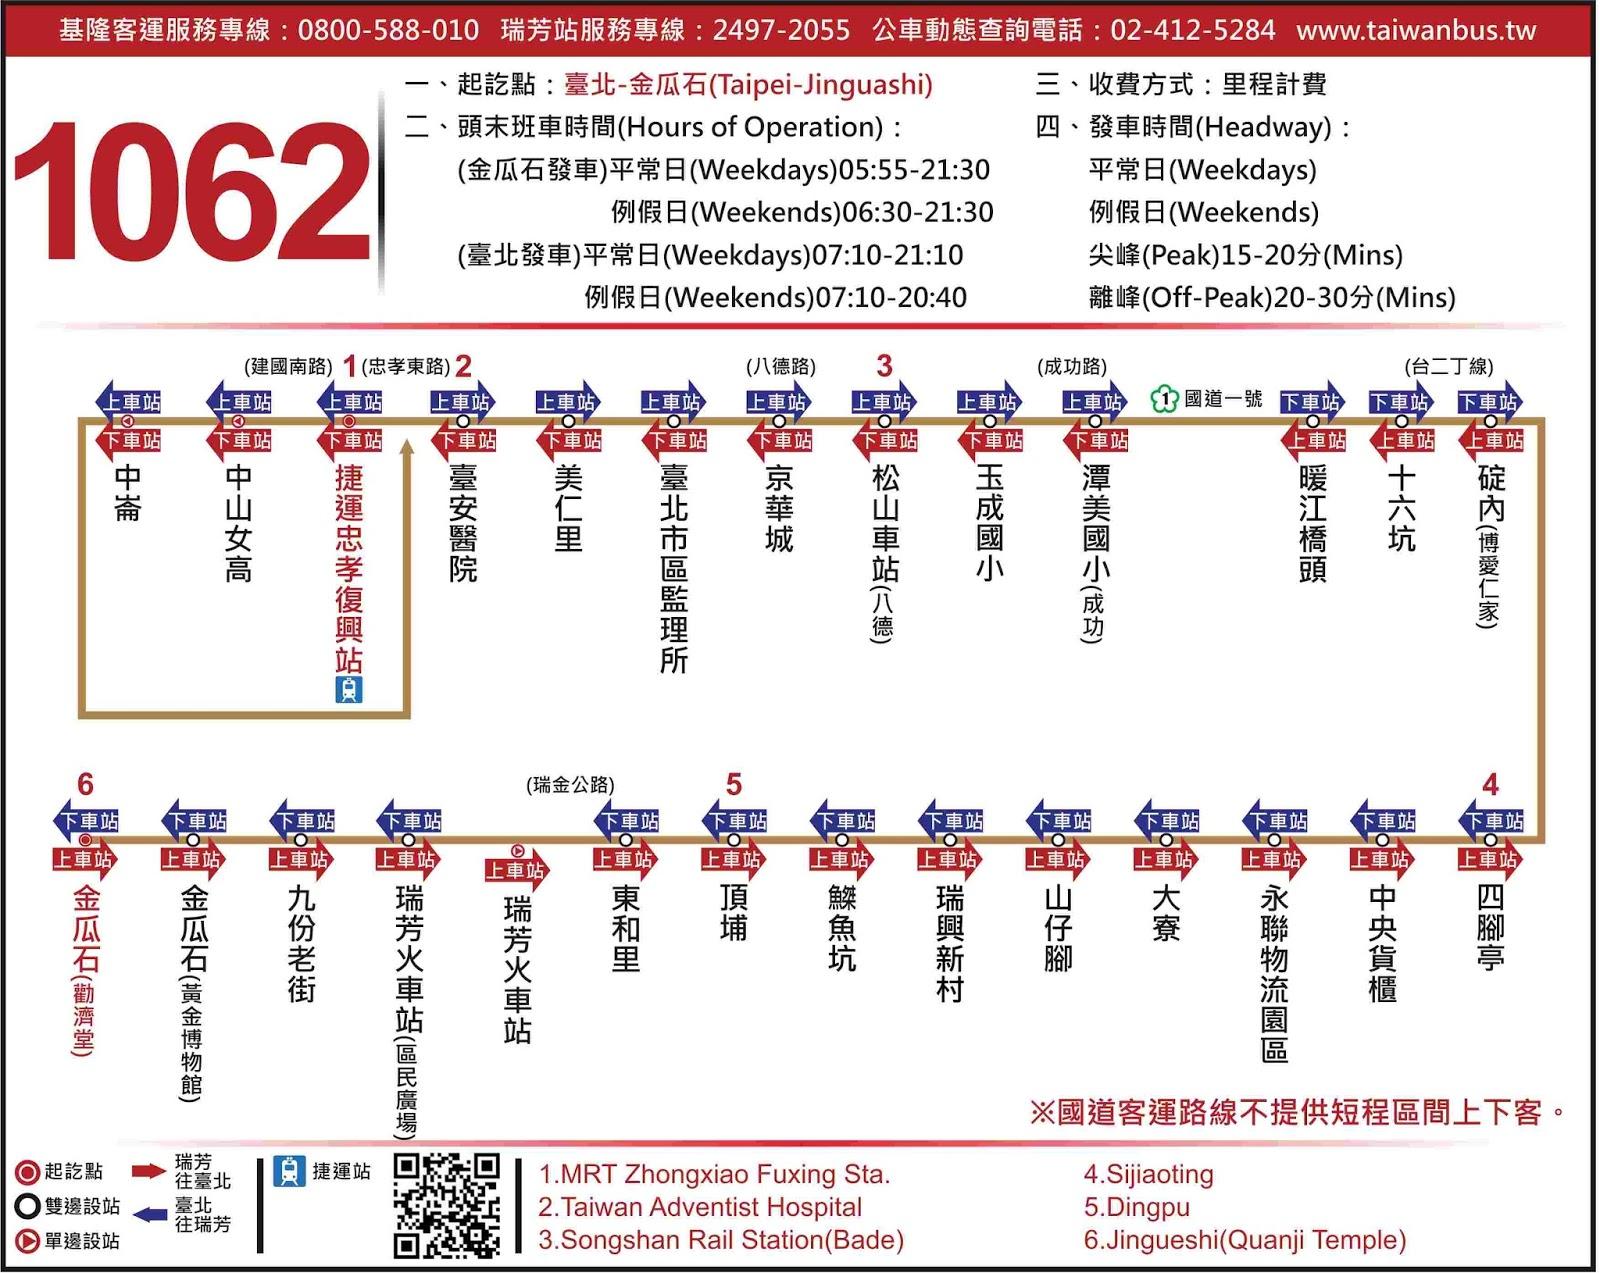 Bus Route 1062